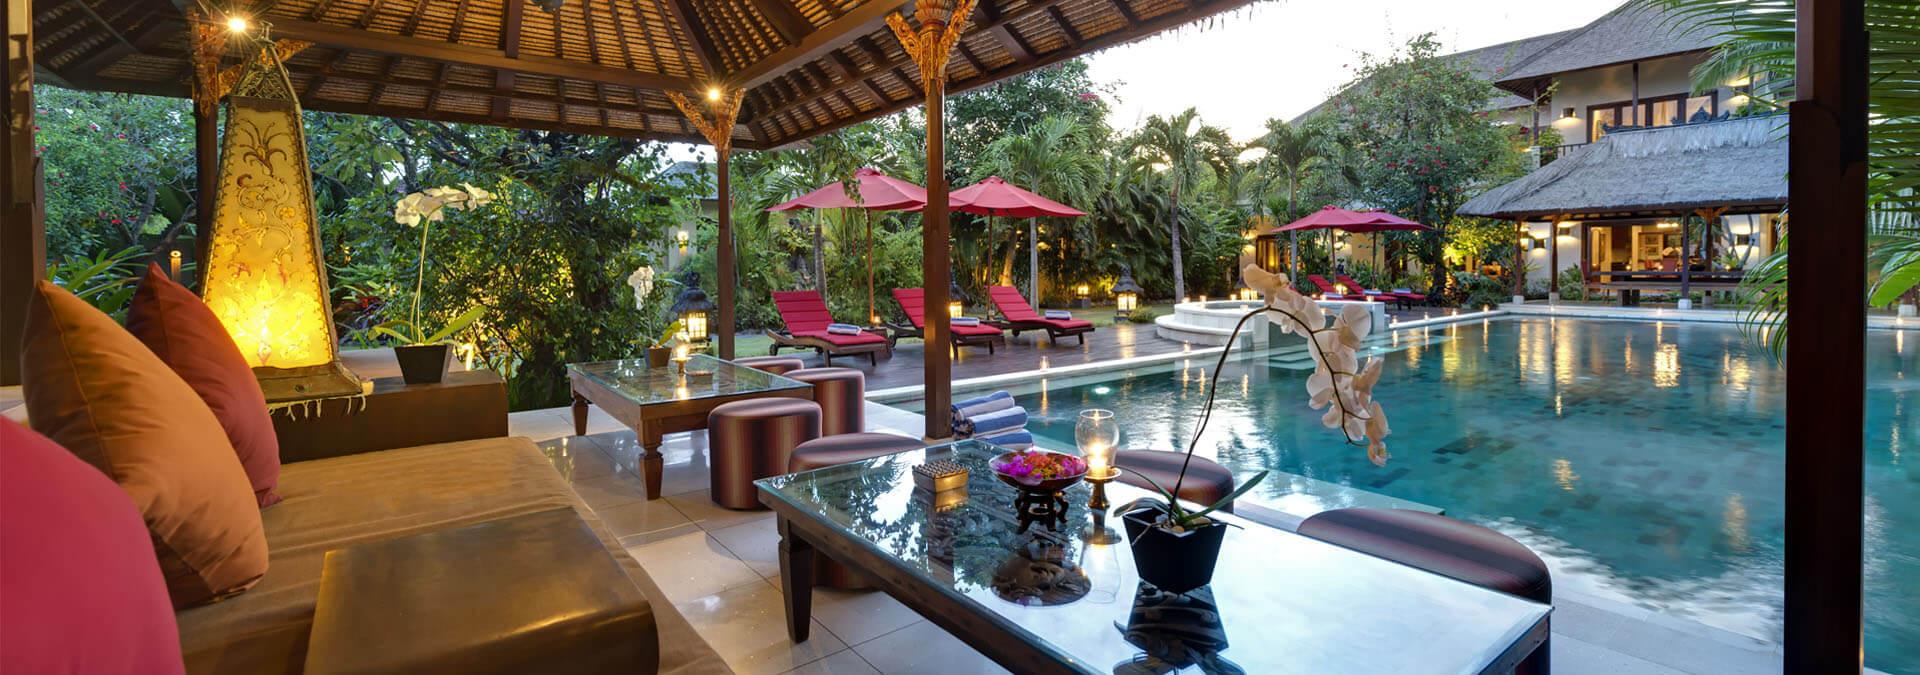 Villa-Kalimaya-I--Poolside-living-area-at-sunset